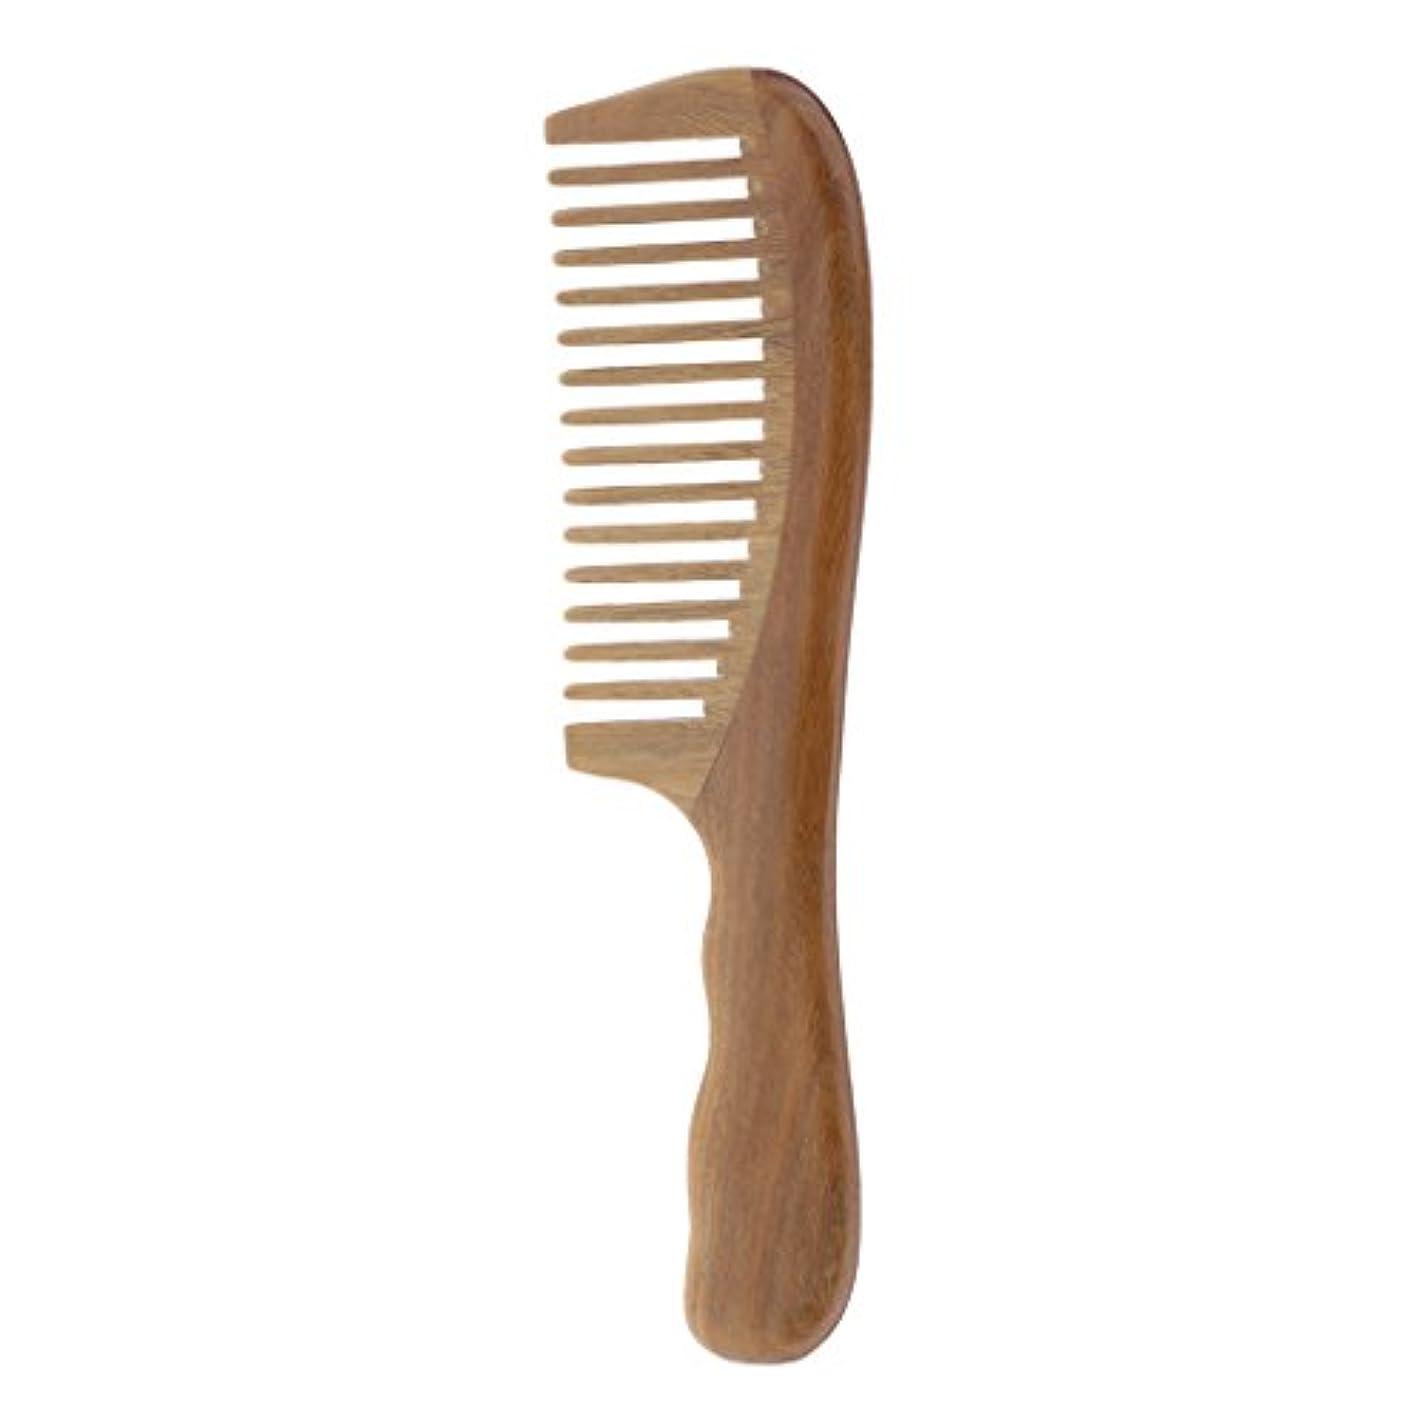 会議タイプライター予測くし コーム 木製 もつれ解く ウッドコーム 波状ハンドル 頭皮マッサージ 2タイプ選べる - 広い歯